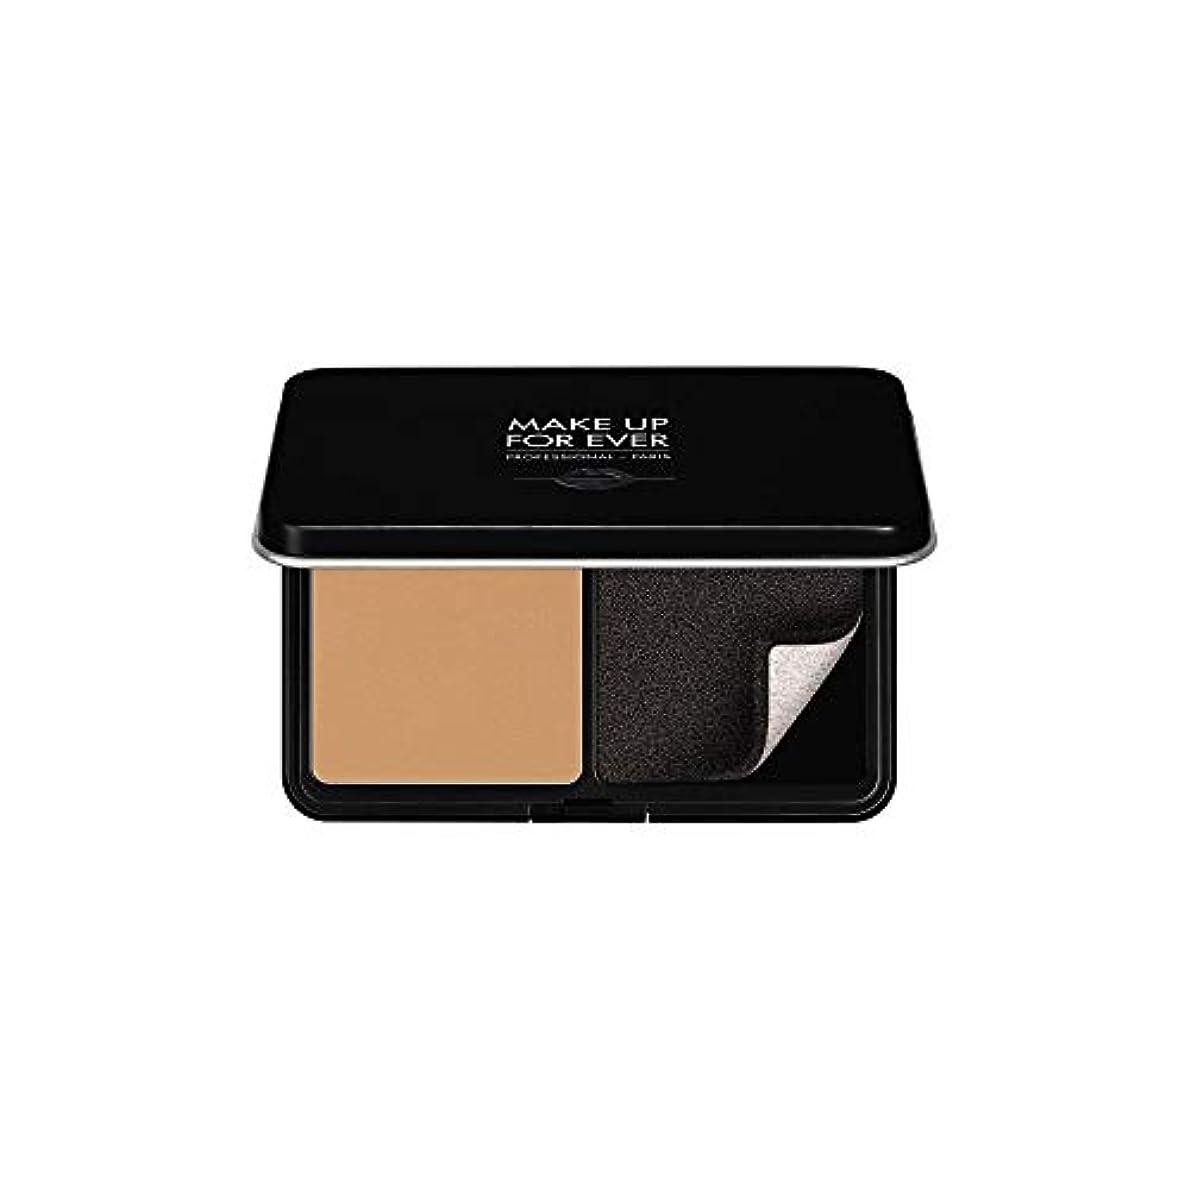 サラミ洞窟高原メイクアップフォーエバー Matte Velvet Skin Blurring Powder Foundation - # Y375 (Golden Sand) 11g/0.38oz並行輸入品